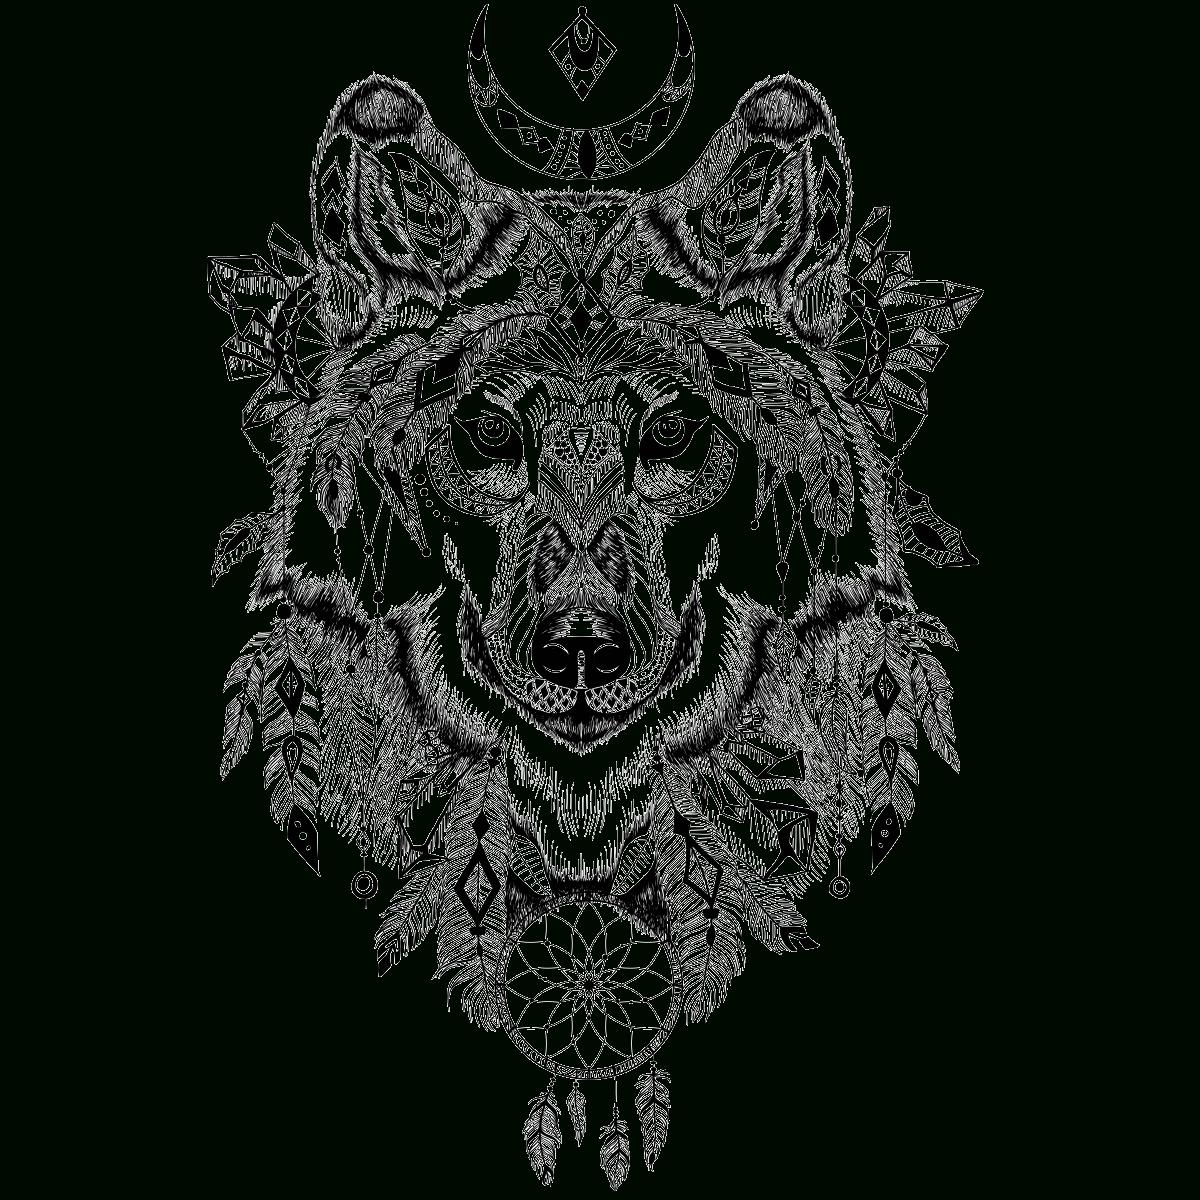 Sticker Ethnique Tête De Loup – Stickers Stickers Art Et intérieur Tete De Loup Dessin